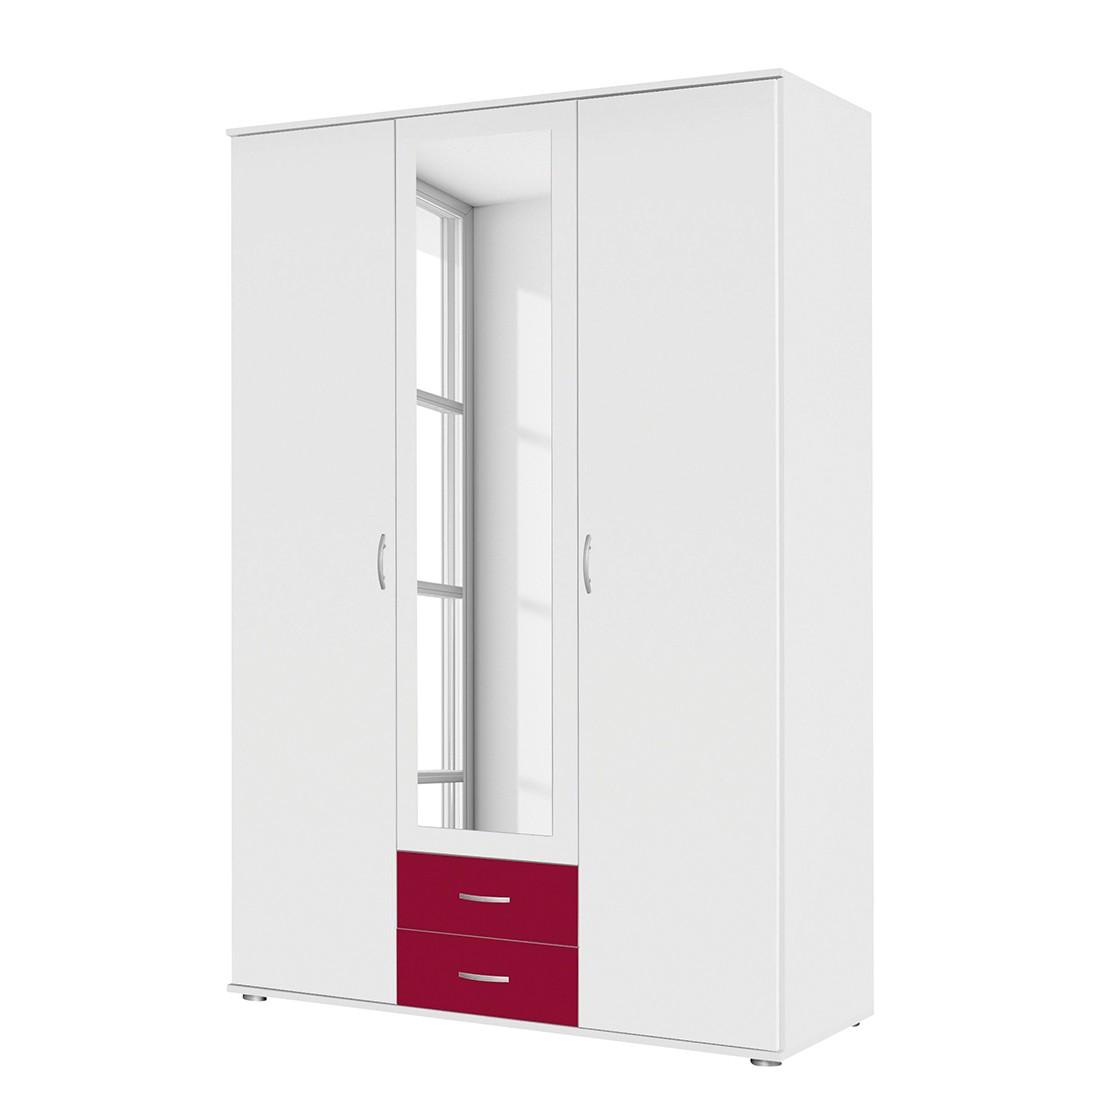 Prix des meuble chambre 375 - Porte capitonnee prix ...